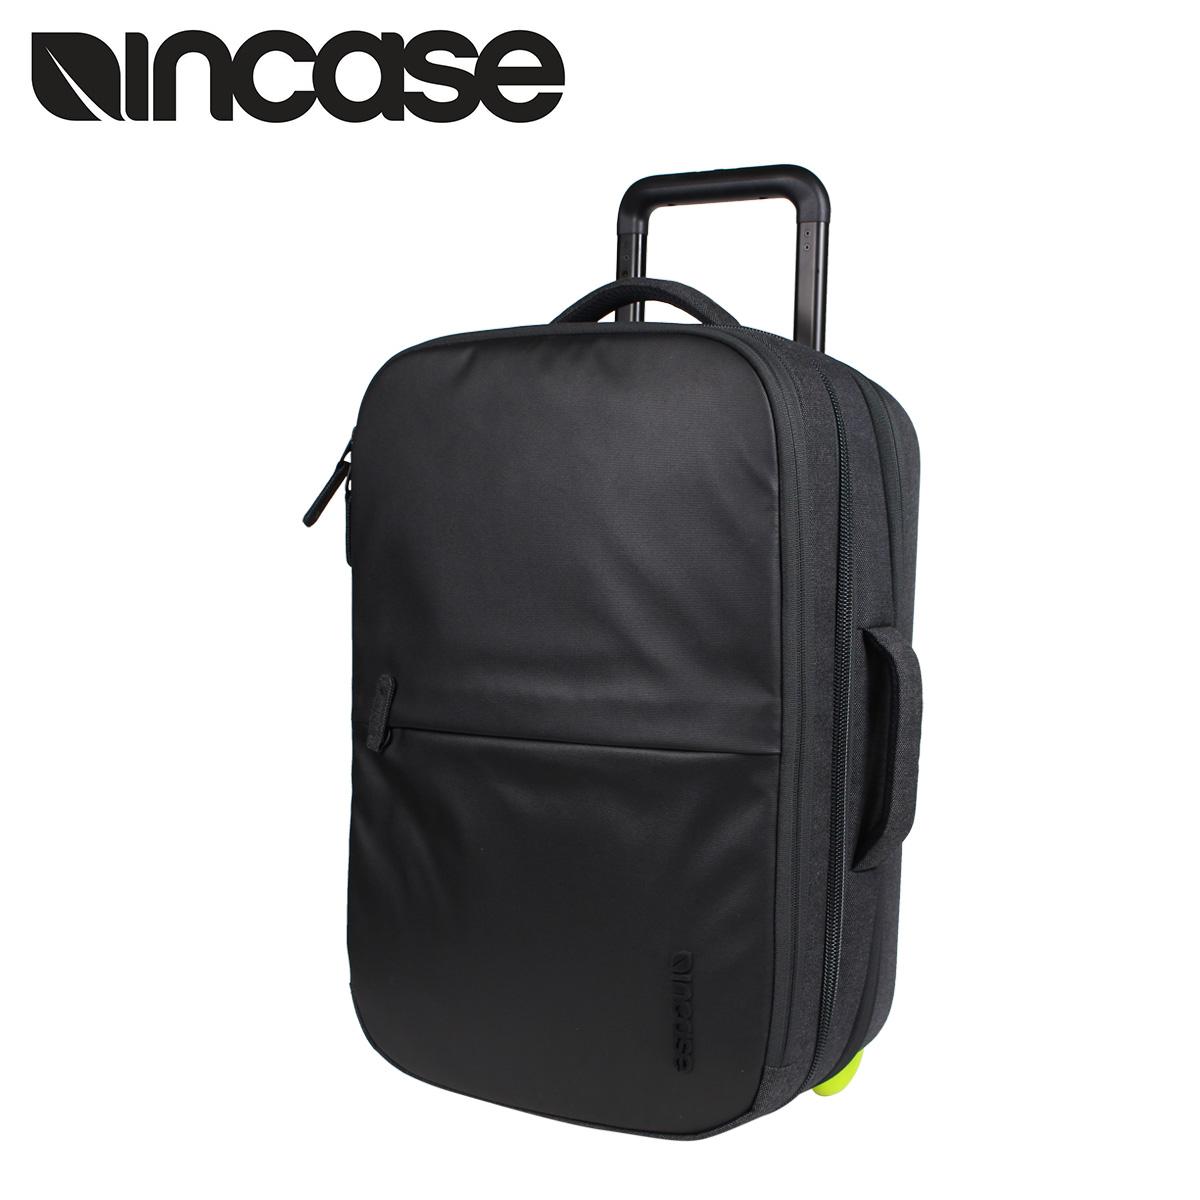 インケース INCASE キャリーバッグ スーツケース キャリーケース CL90002 ブラック EO TRAVEL ROLLER メンズ [予約商品 4/10頃入荷予定 再入荷]